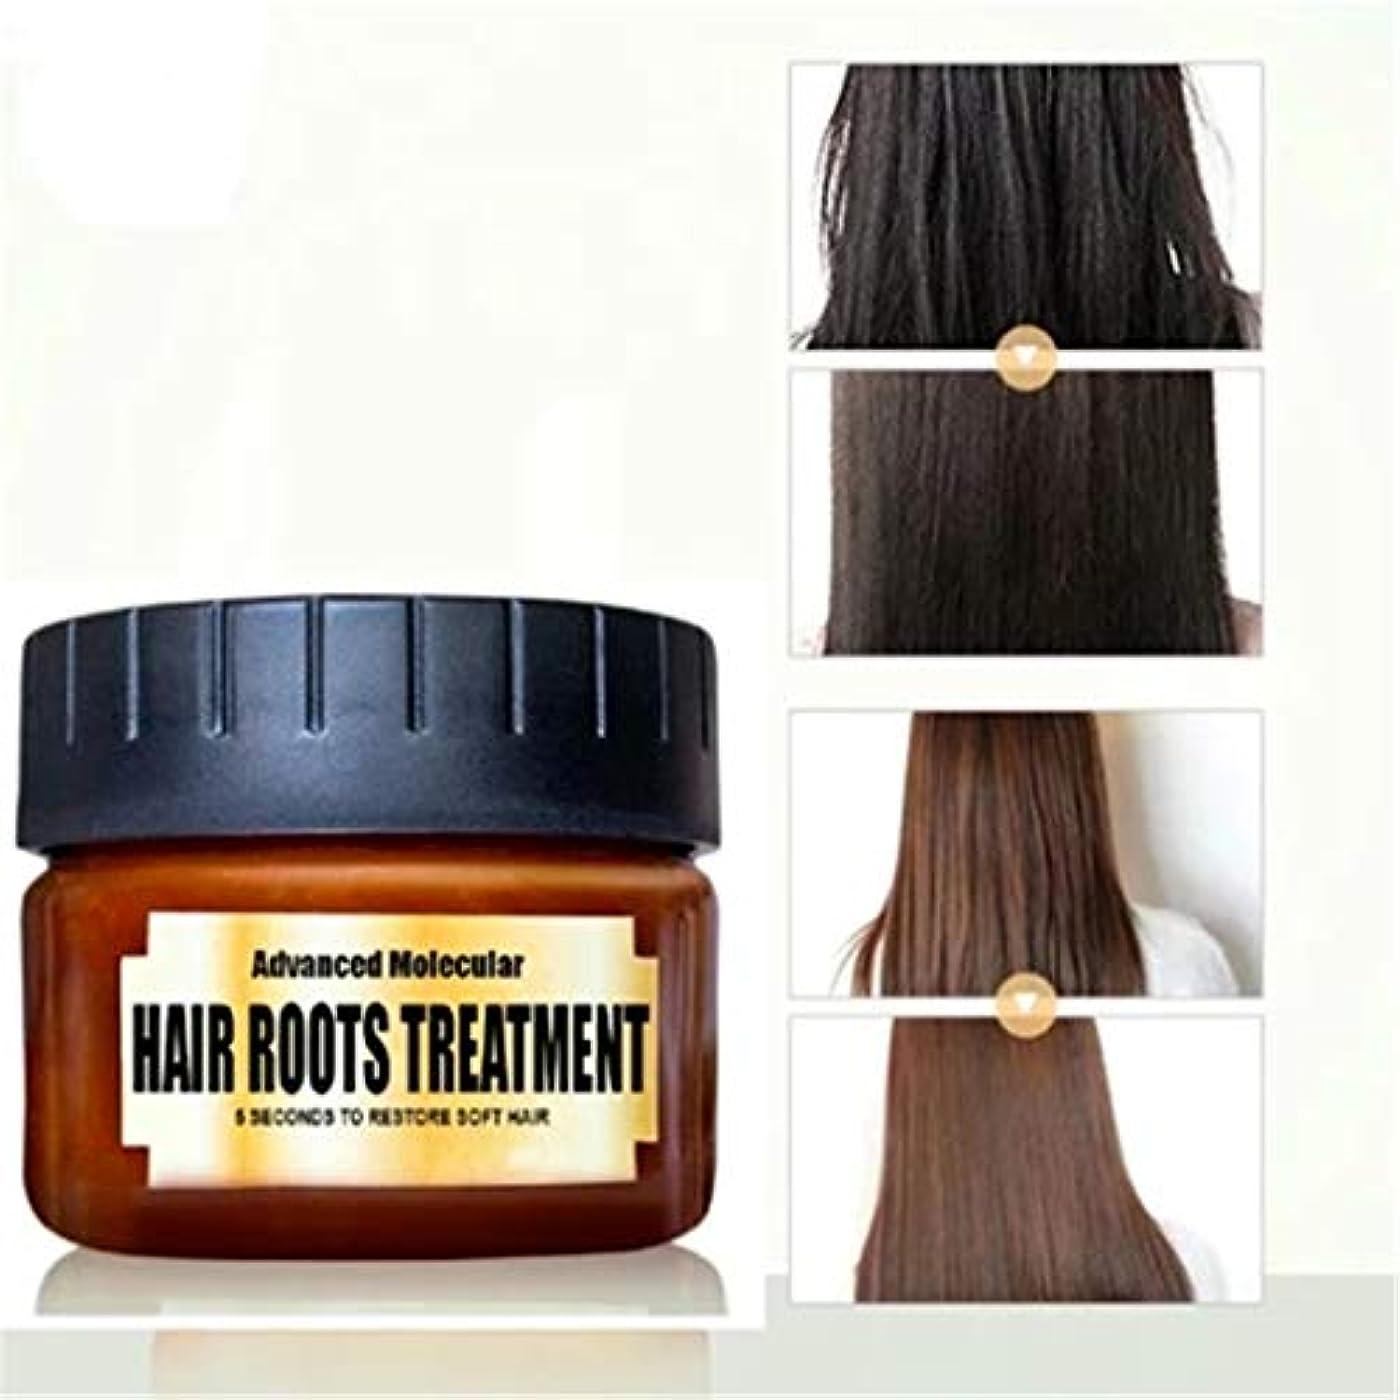 まだ銀行肯定的コンディショナー ヘアケアコンディショナー ヘアデトキシファイングヘアマスク 高度な分子 毛根治療の回復 乾燥または損傷した髪と頭皮の治療のための髪の滑らかなしなやか (B 60 ml)